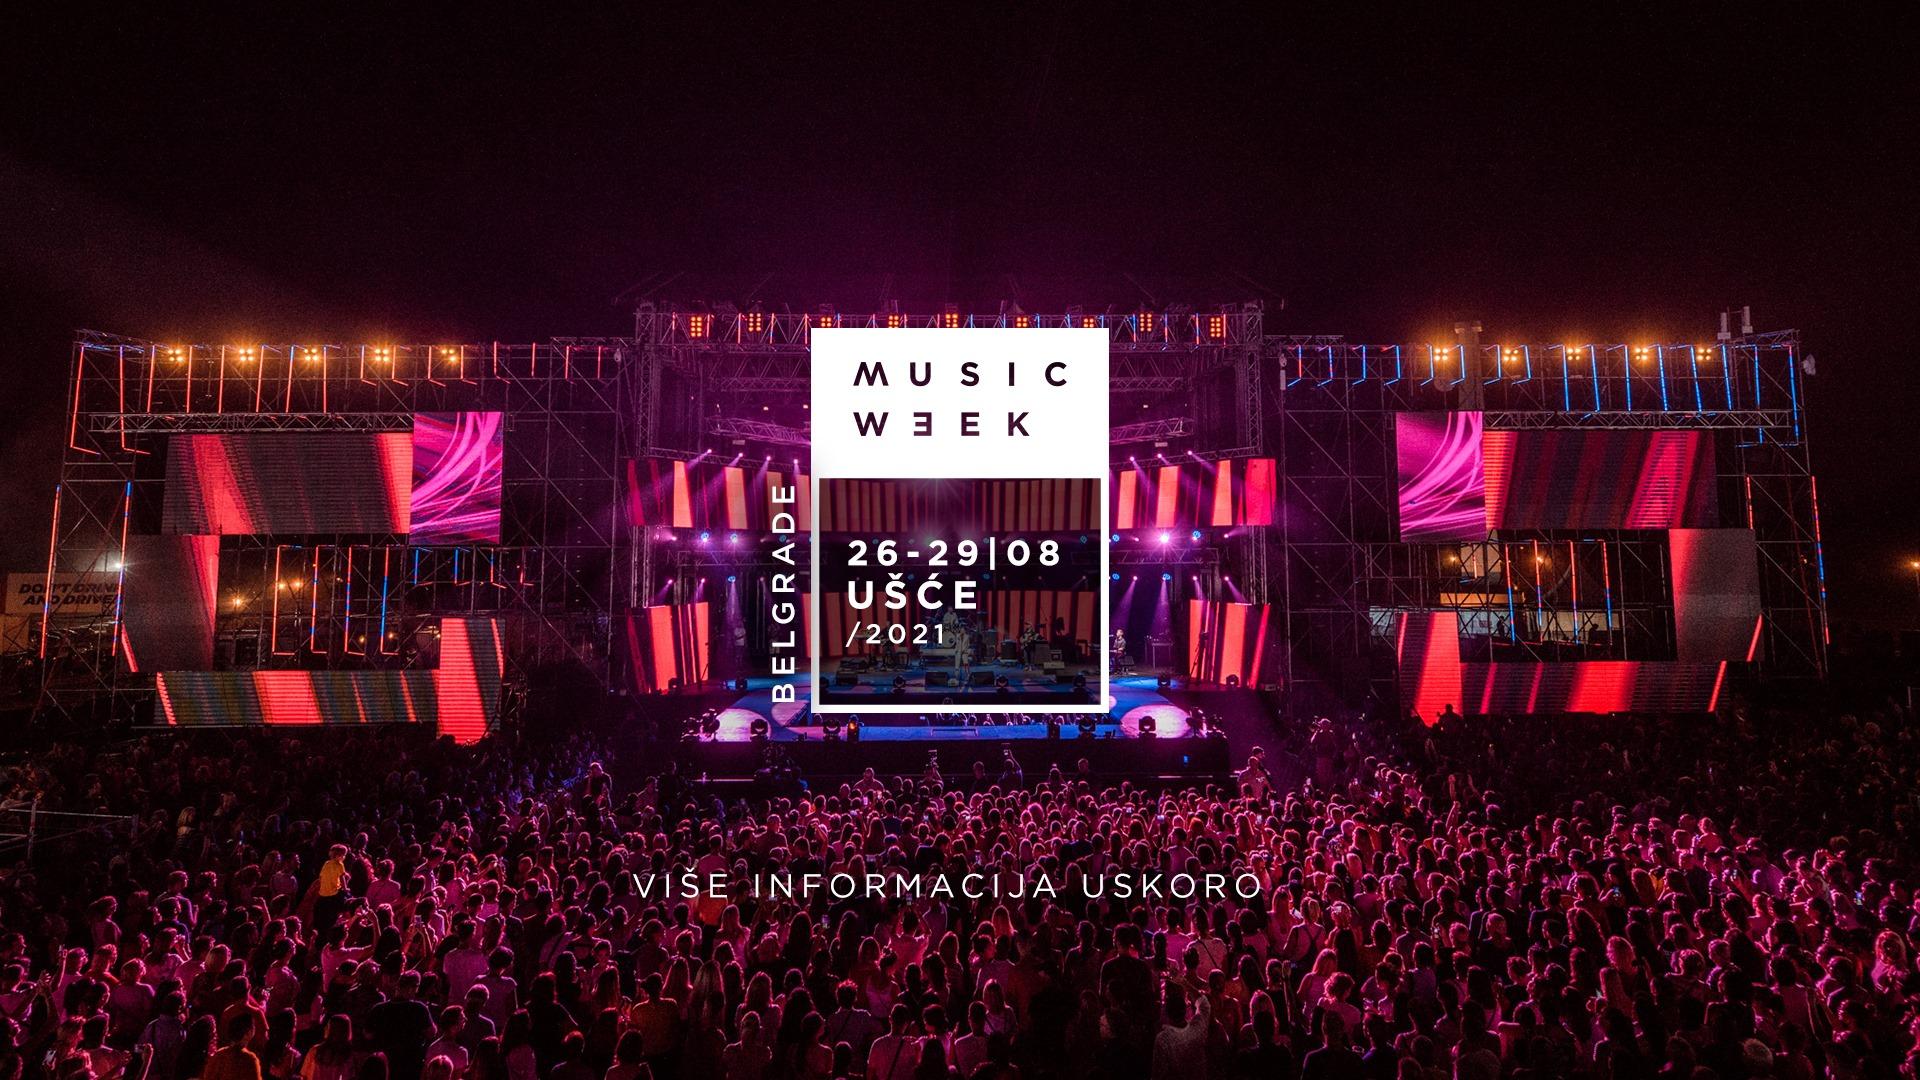 Music Week Festival 26 – 29.08.2021. Usce